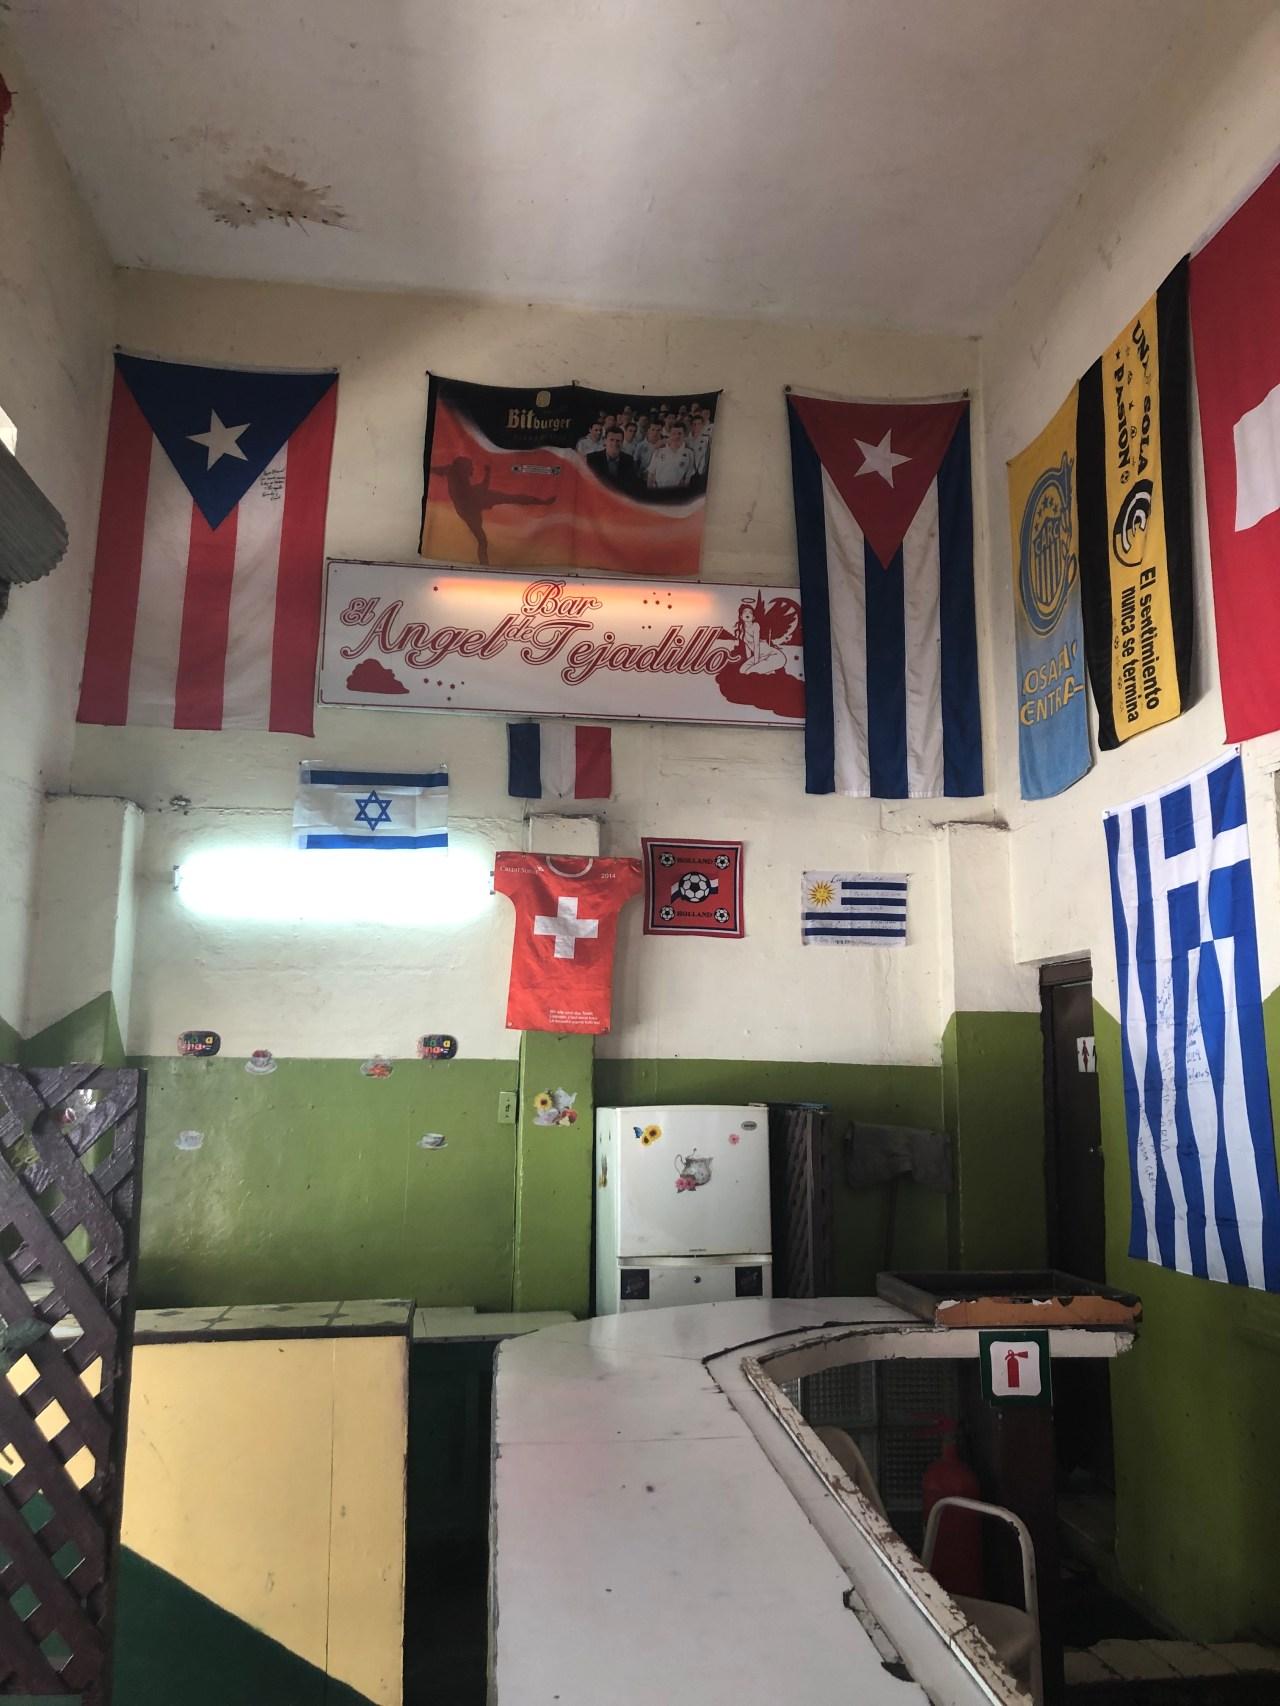 Bar El Angel de Tejadillo